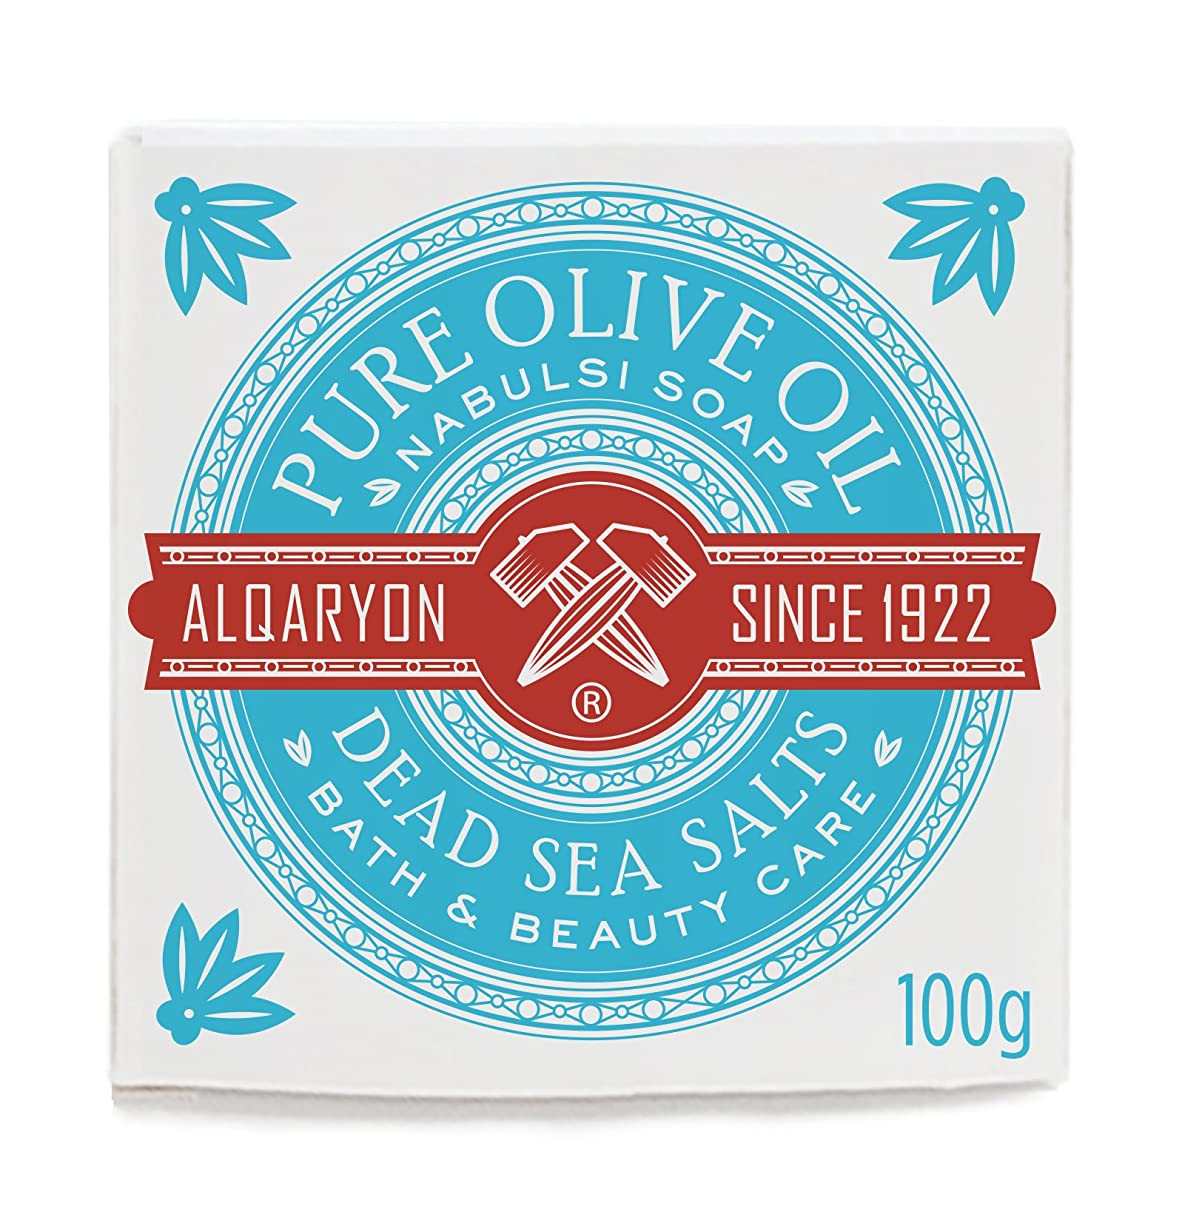 アーク人に関する限りリングAlqaryon Dead Sea Salts & Olive Oil Bar Soap, Pack of 4 Bars 100g- Alqaryonの死海で取れる塩&オリーブオイル ソープ、バス & ビューティー ケア、100gの石鹸4個のパック